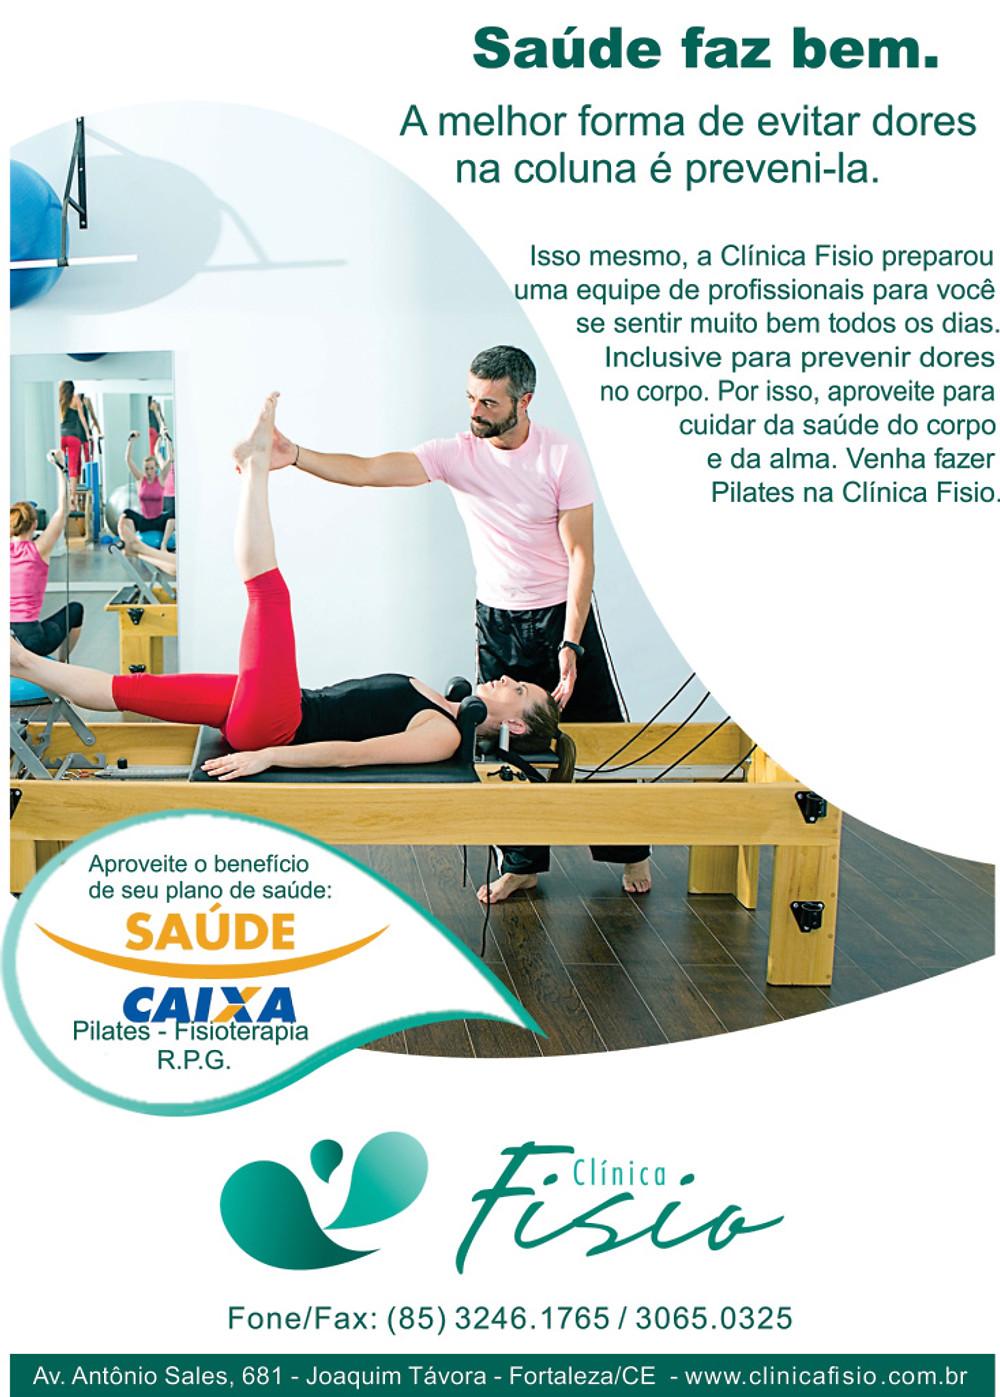 Panfleto caixa fisioterapia Pilates